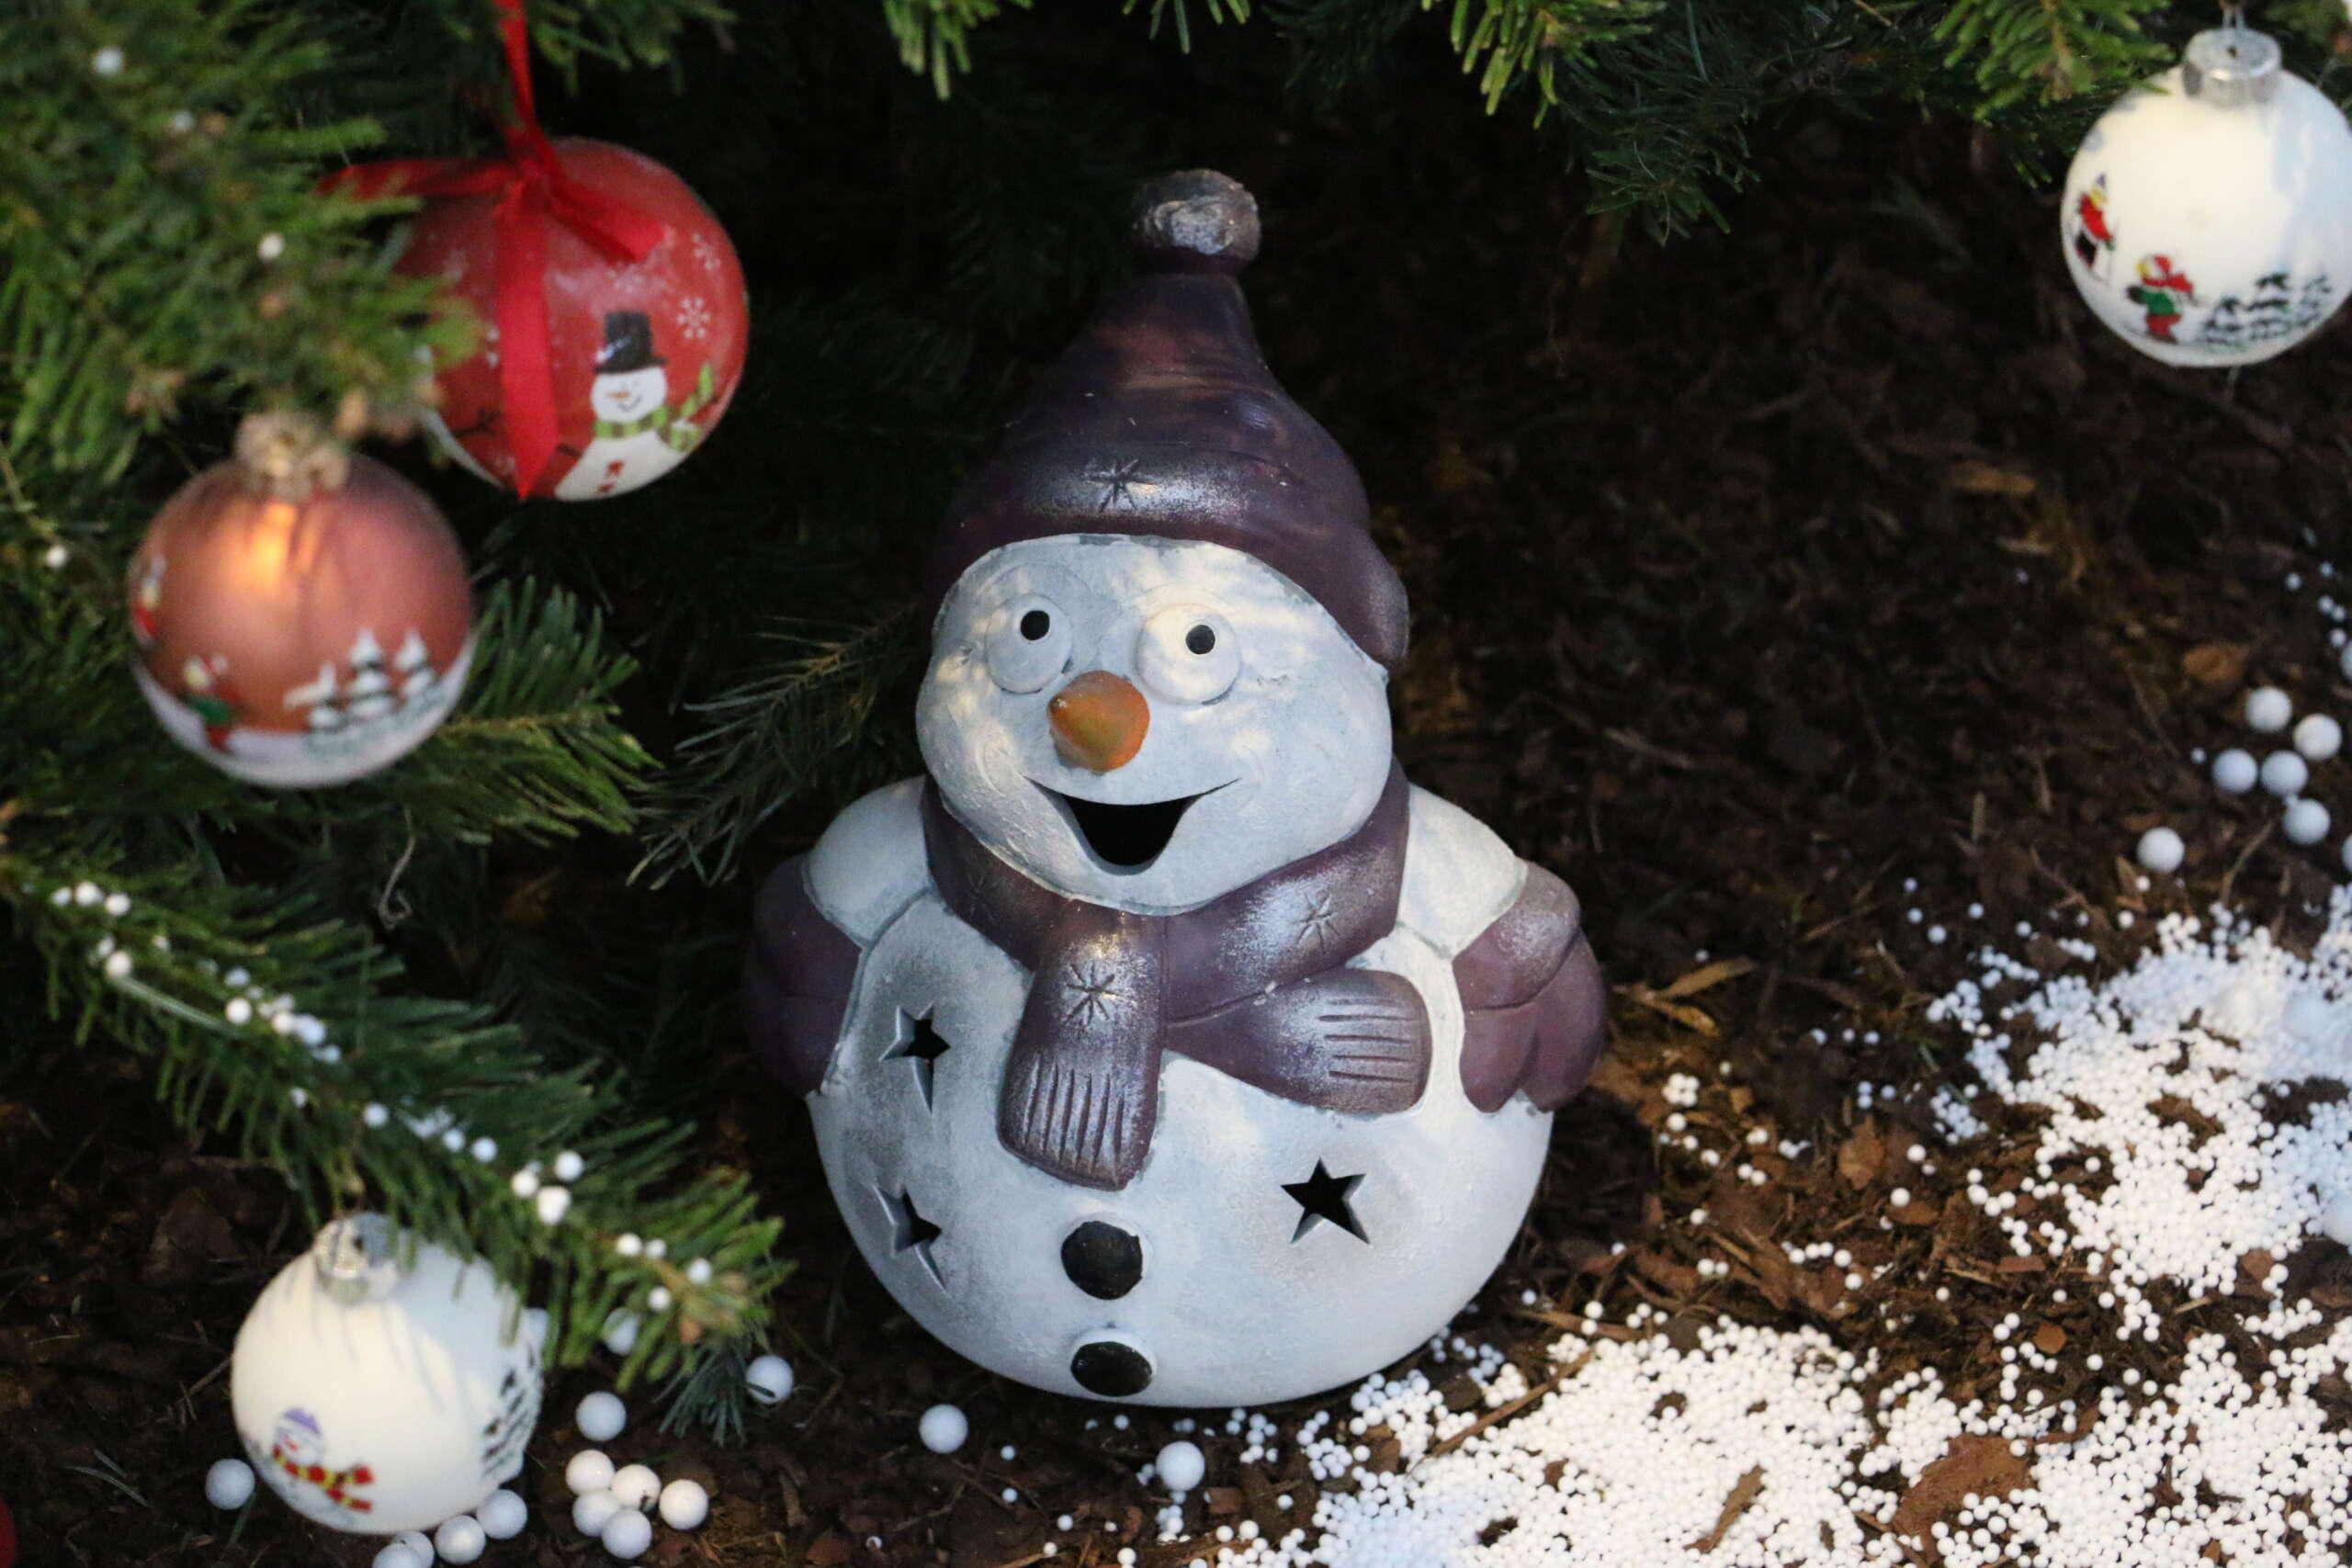 Ein schönes Weihnachtsfest und einen guten Rutsch!